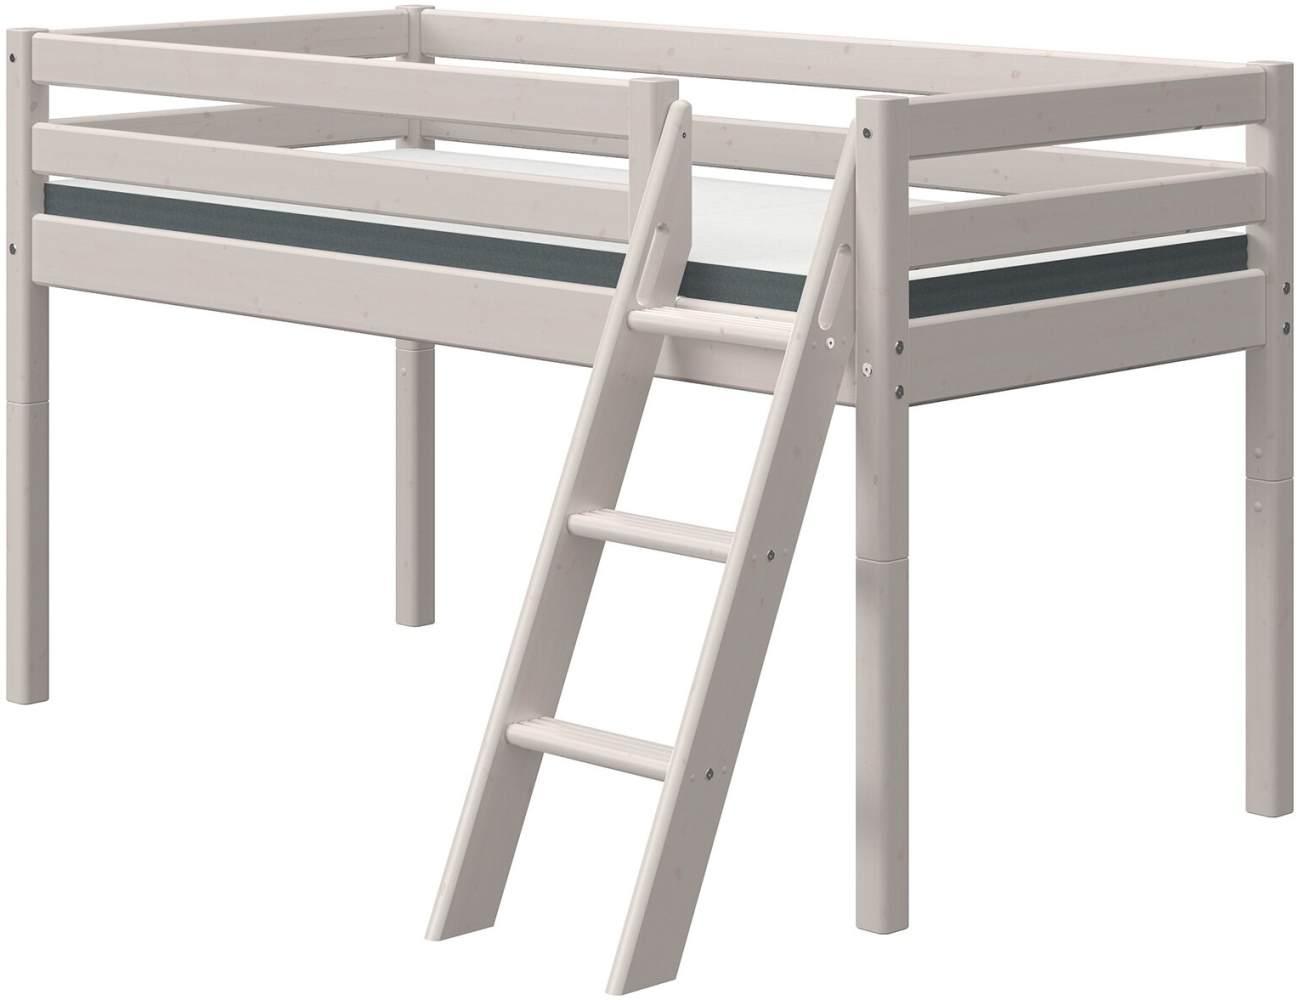 FLEXA Classic Halbhochbett mit schräger Leiter 90 x 190 cm Grau 90-10307-3-01 Bild 1